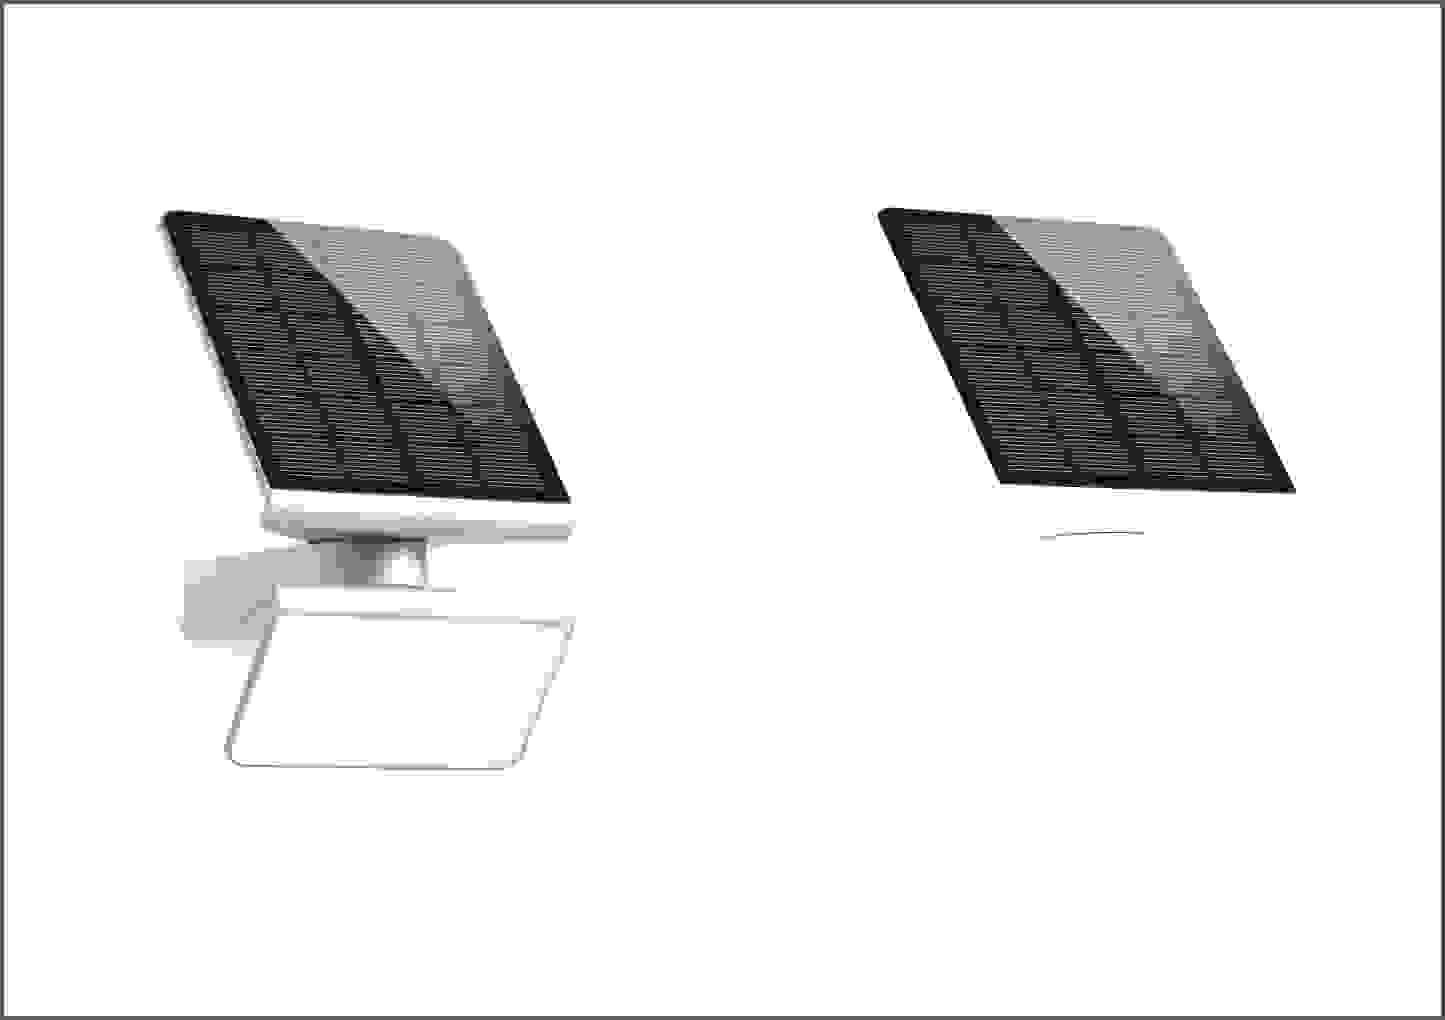 Ziemlich Led Solar Ausenleuchte Mit Bewegungsmelder Var Xsolar L Neu von Minions Bettwäsche Aldi Photo